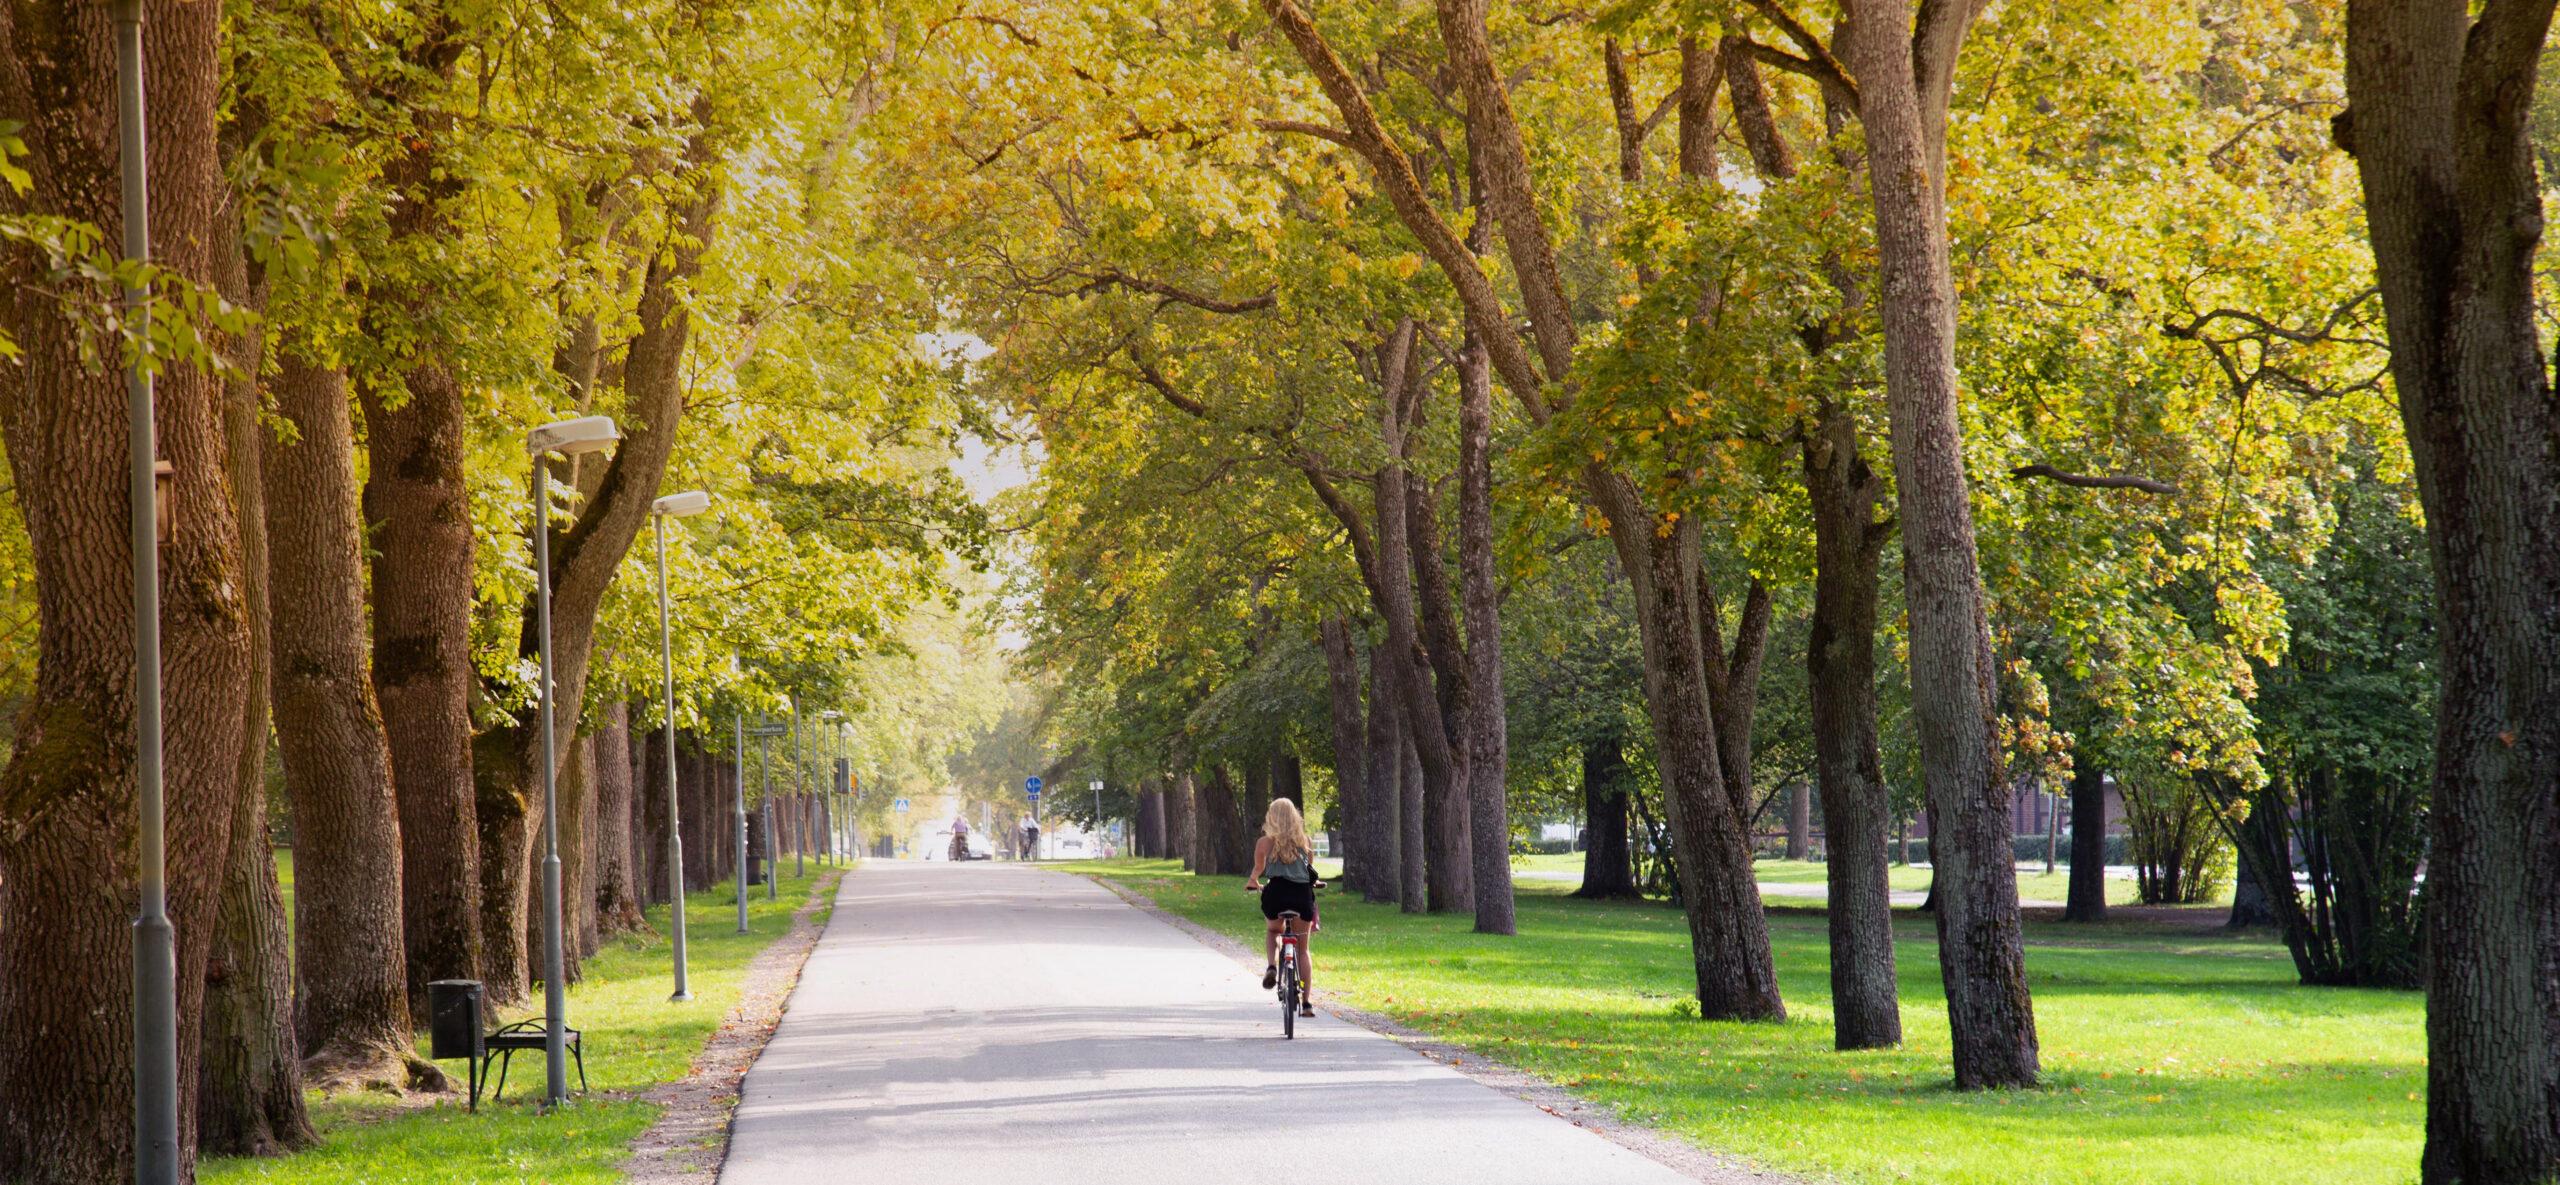 Ardsley Park Savannah